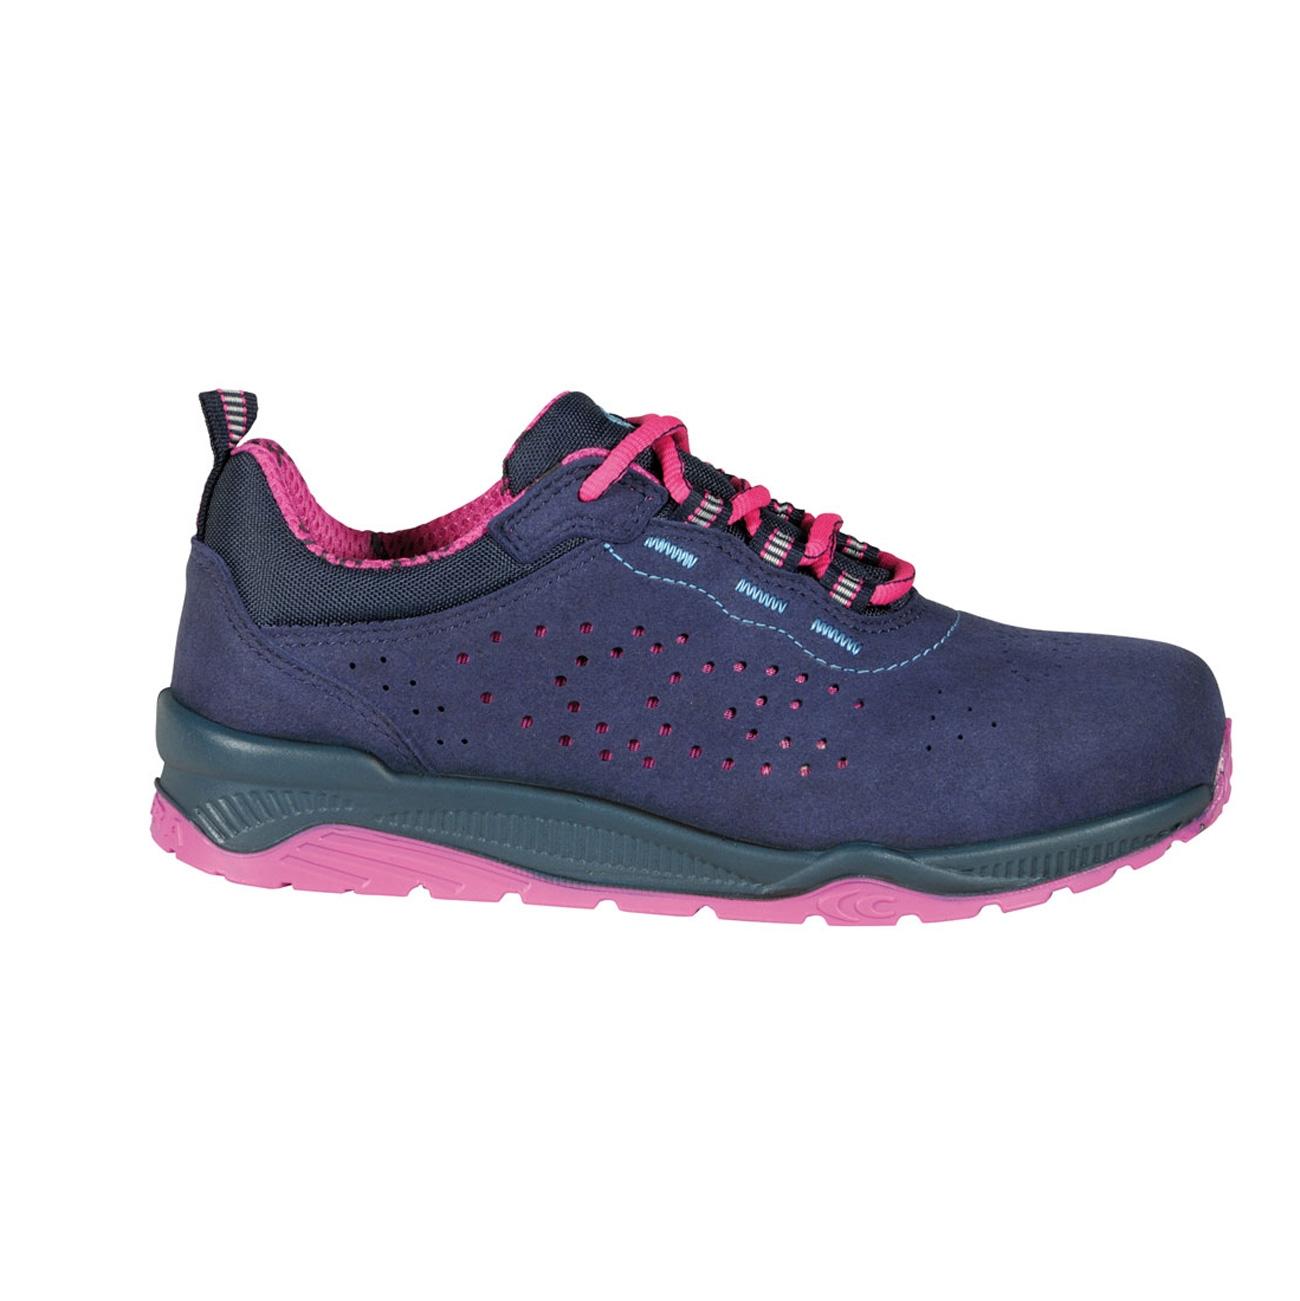 New York scarpe a buon mercato arrivo Safety trainers Cofra Body S1 SRC Scarpe da lavoro | eBay